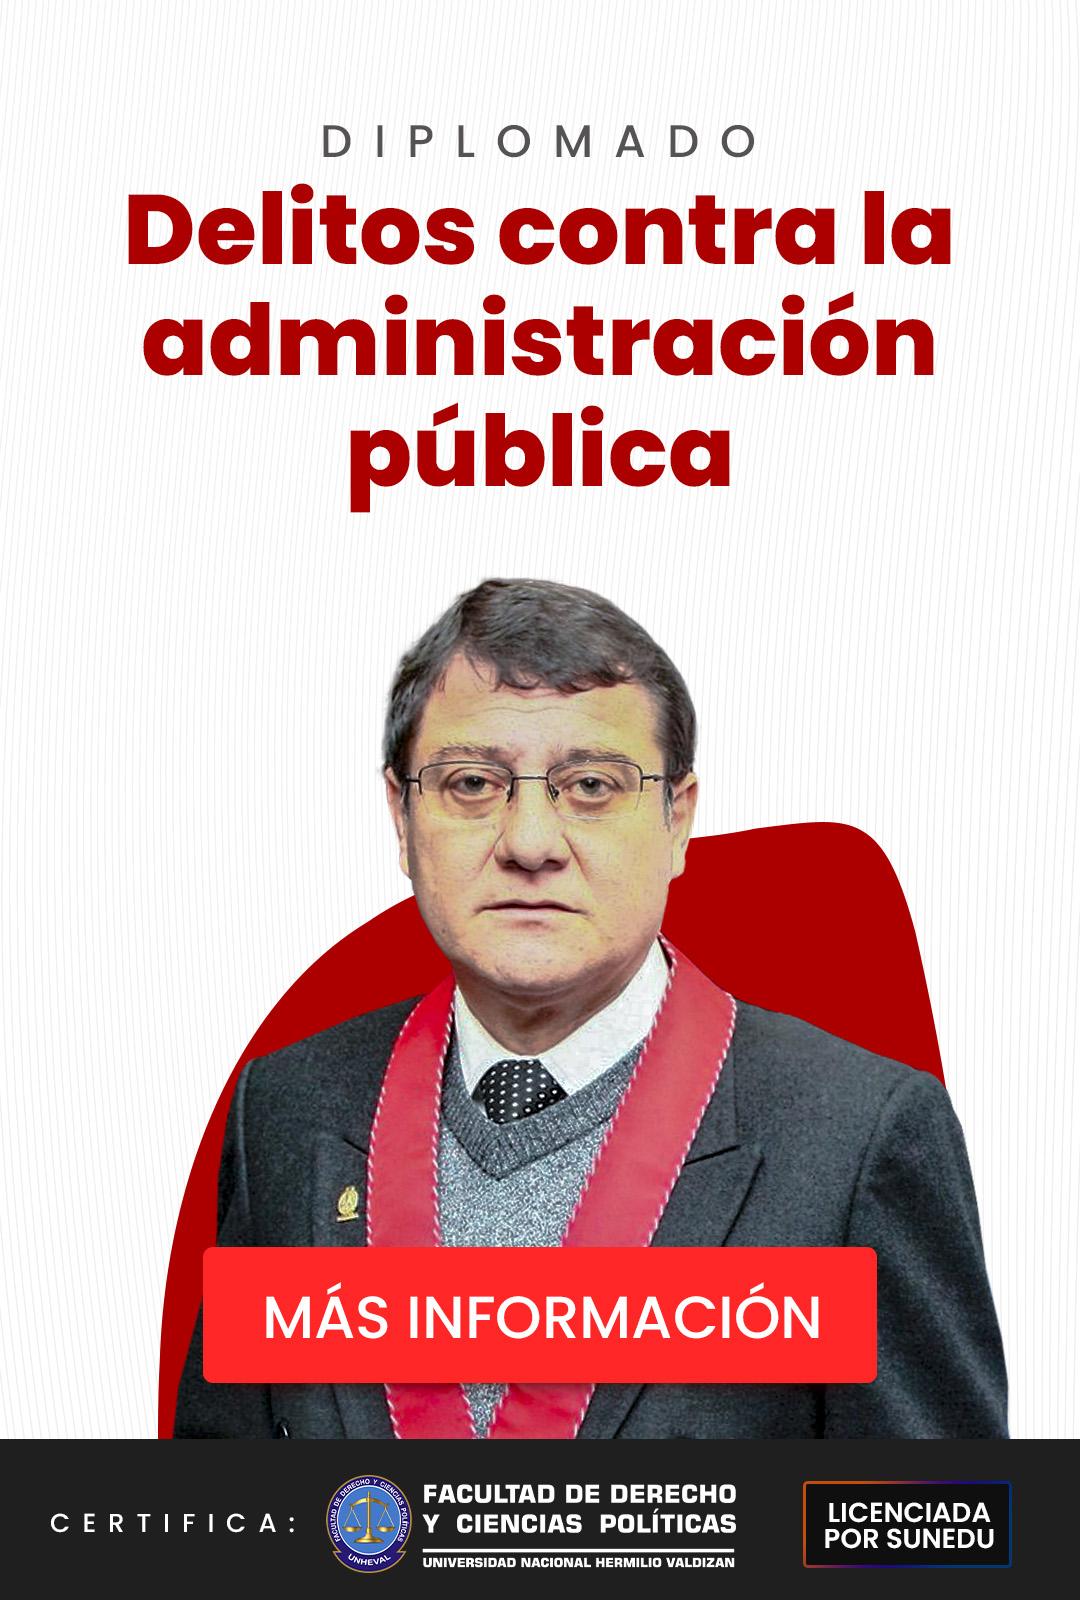 dr chavez cotrina en el diplomado con la administracion publica mas informacion